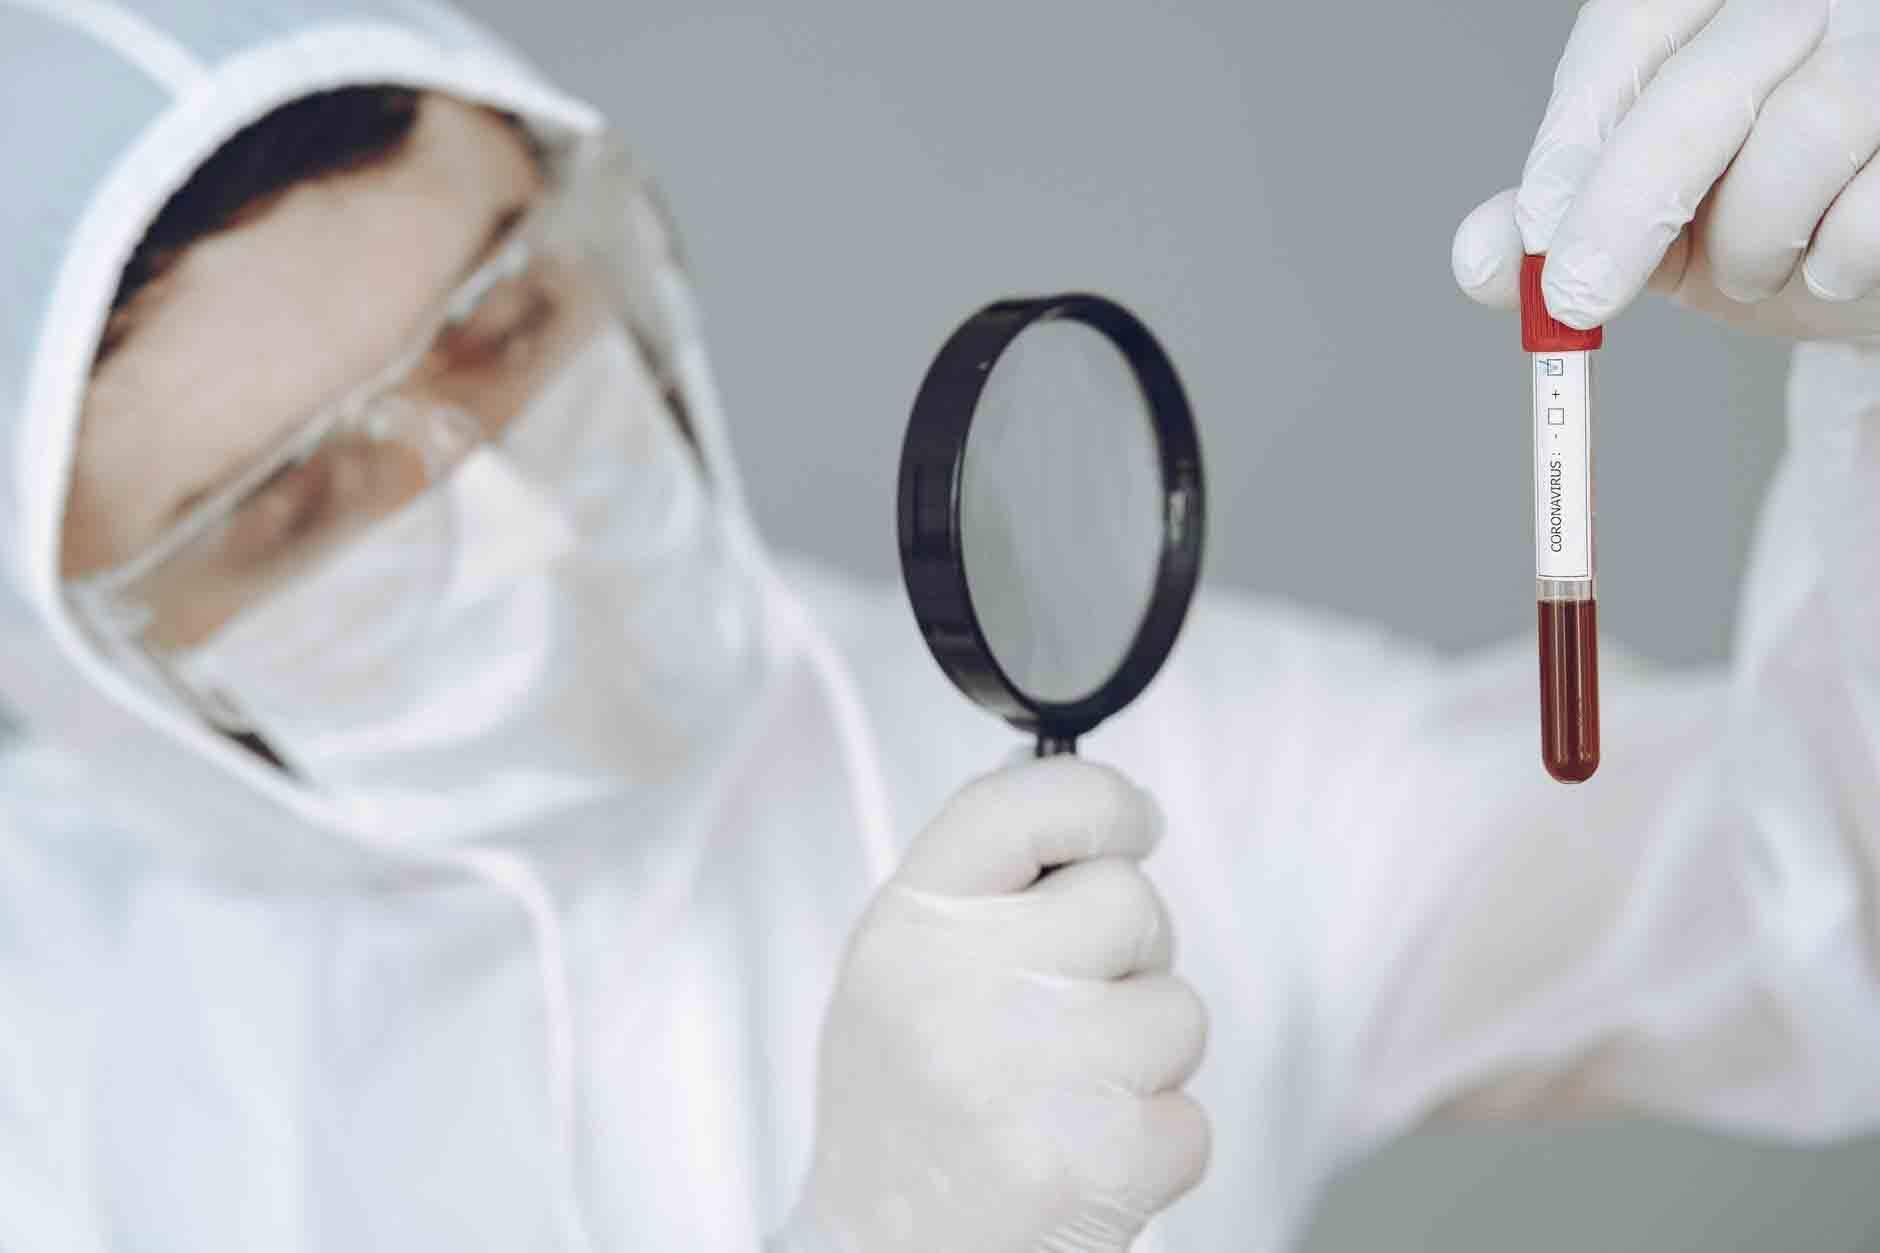 Banco de perfis genéticos de criminosos ultrapassa 100 mil registros. Foto: Pexel